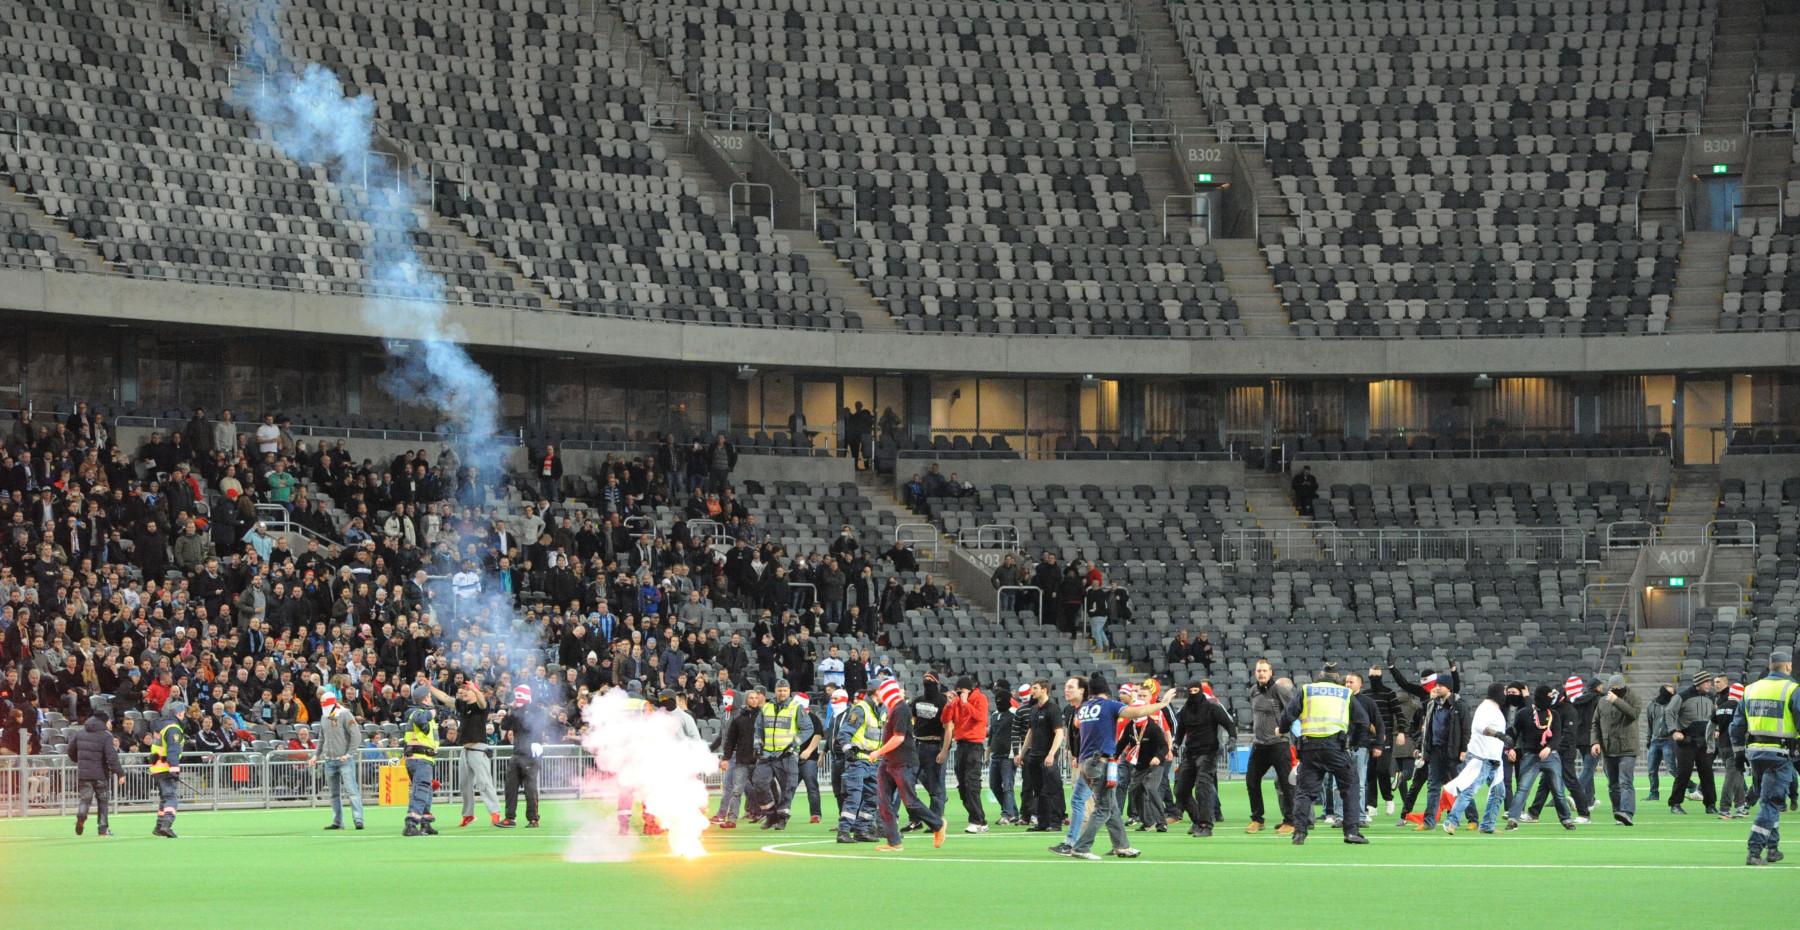 Vor Anpfiff in Stockholm drangen Union-Anhänger bis zur Mittellinie des Spielfeldes vor.